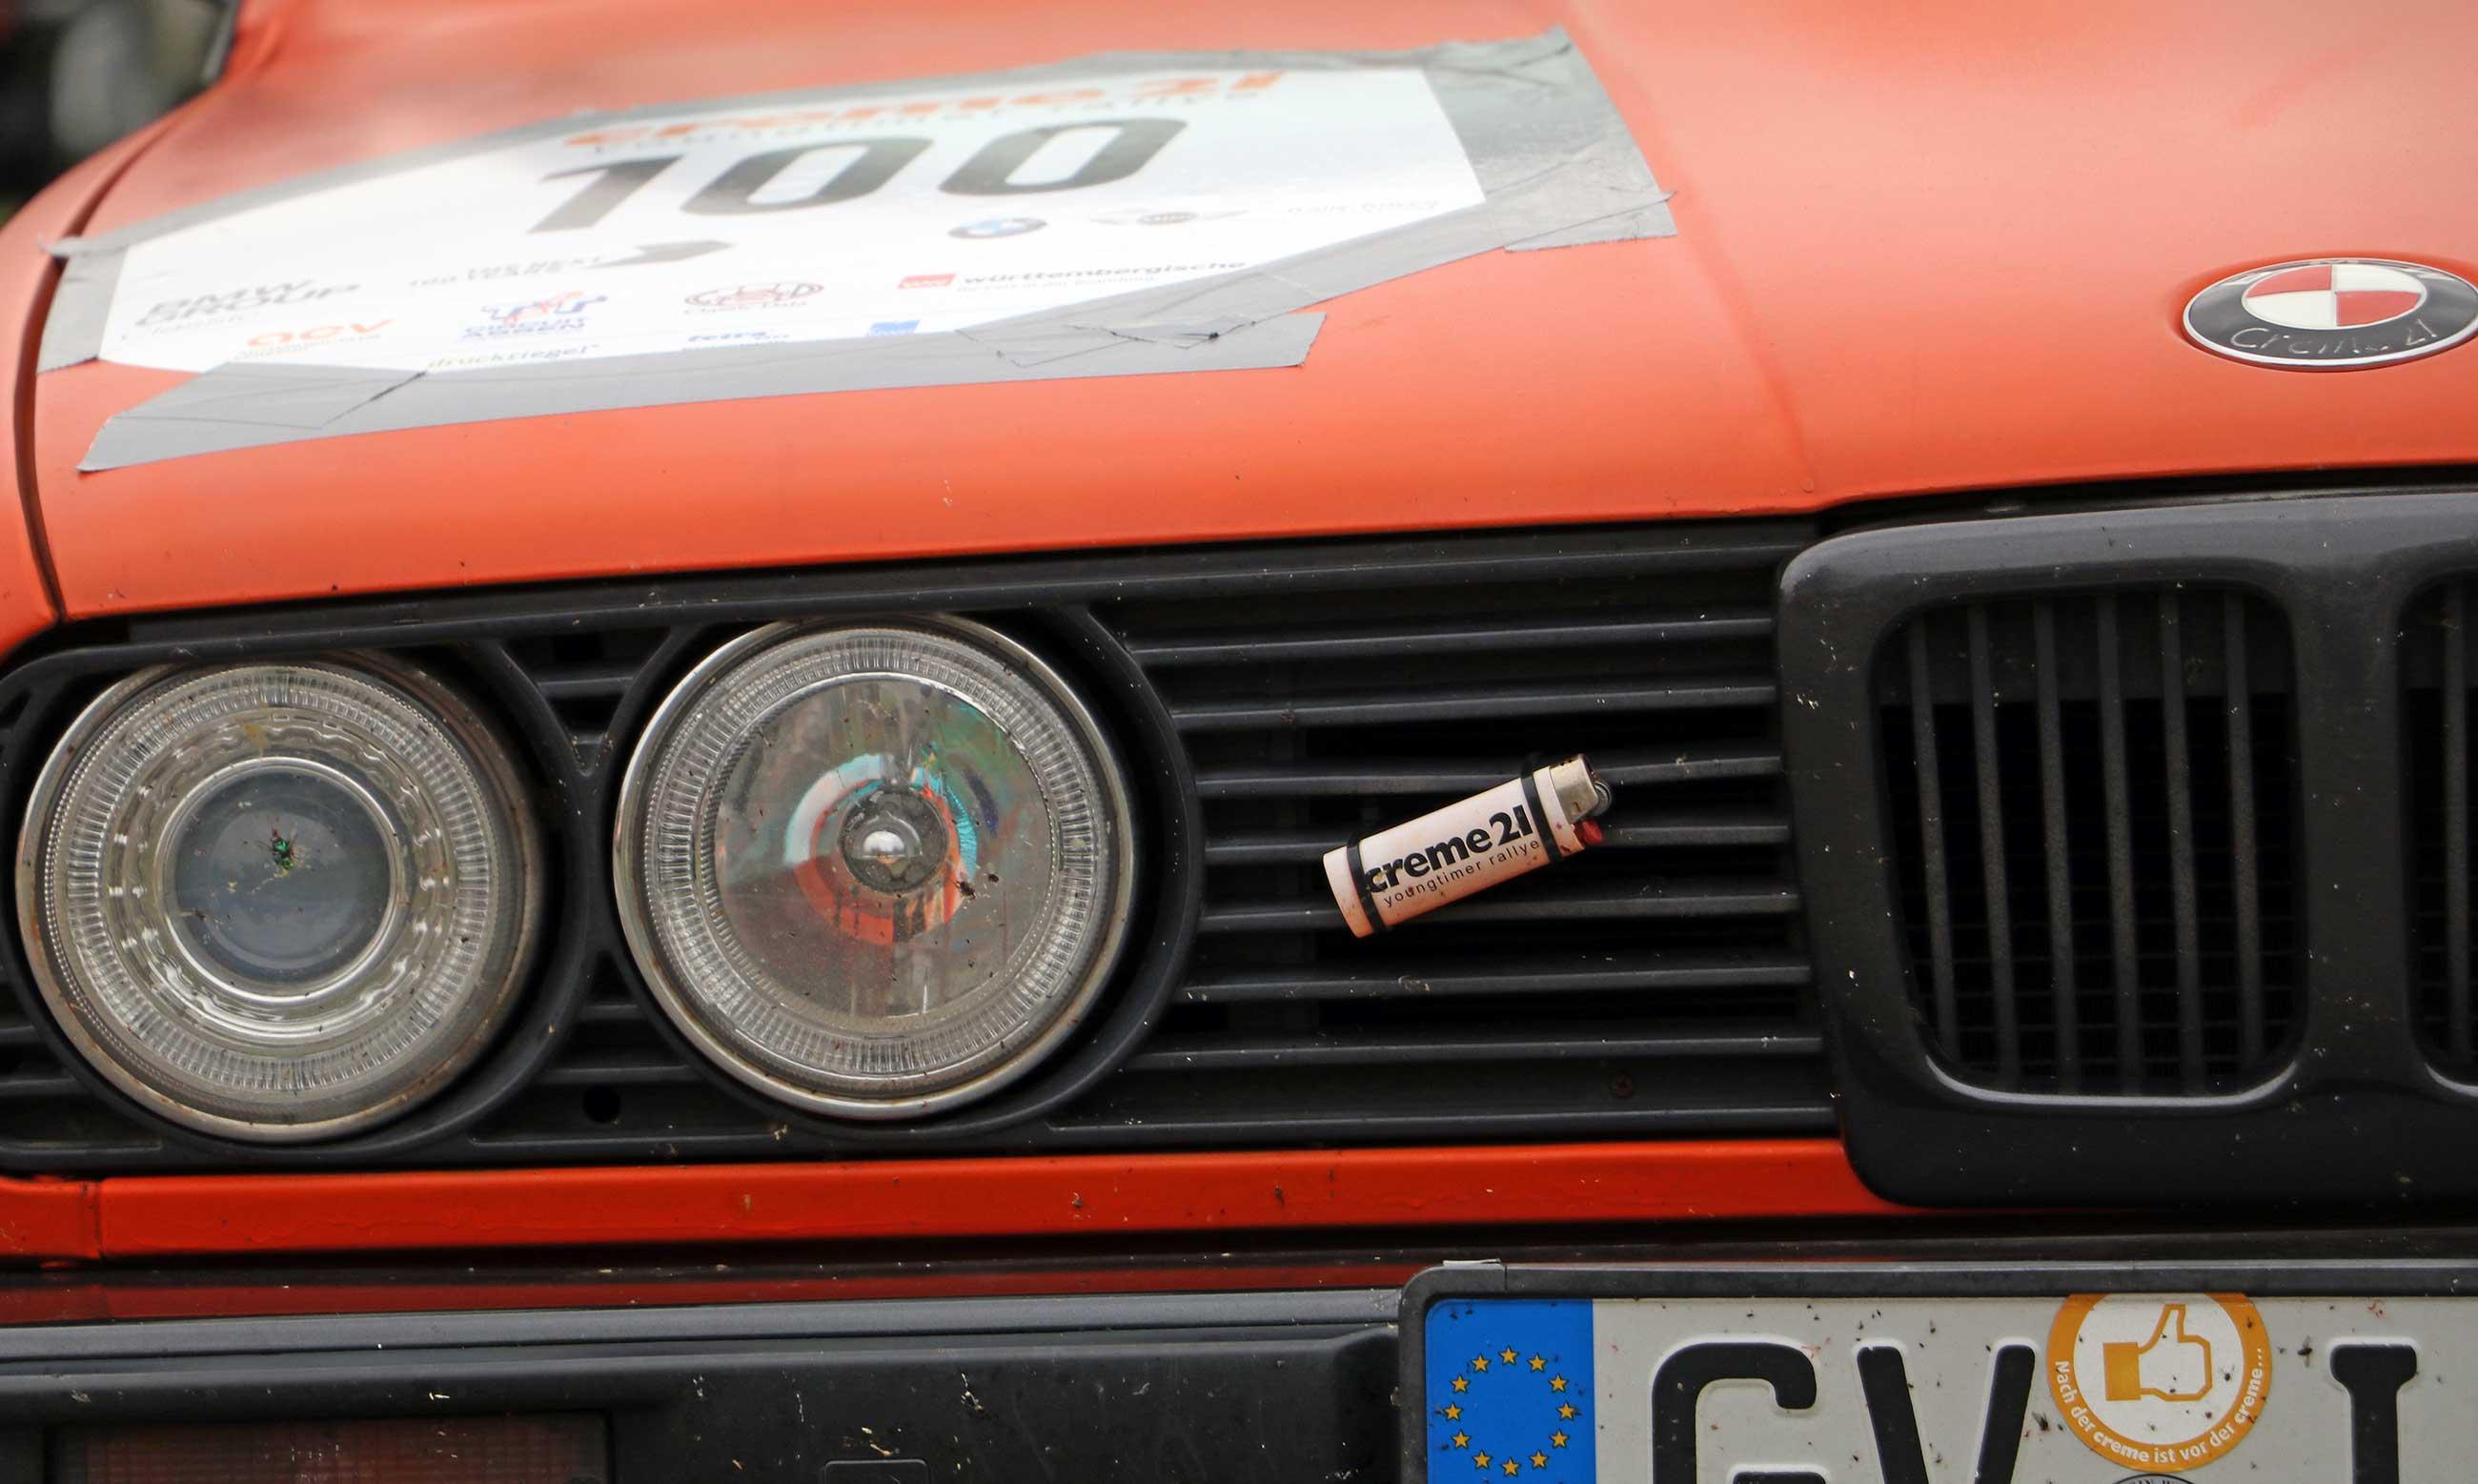 Bericht: Meine Teilnahme an der Creme 21 Youngtimer Rallye 2019 Creme-21-Youngtimer-Rallye-2019_Nachbericht_86